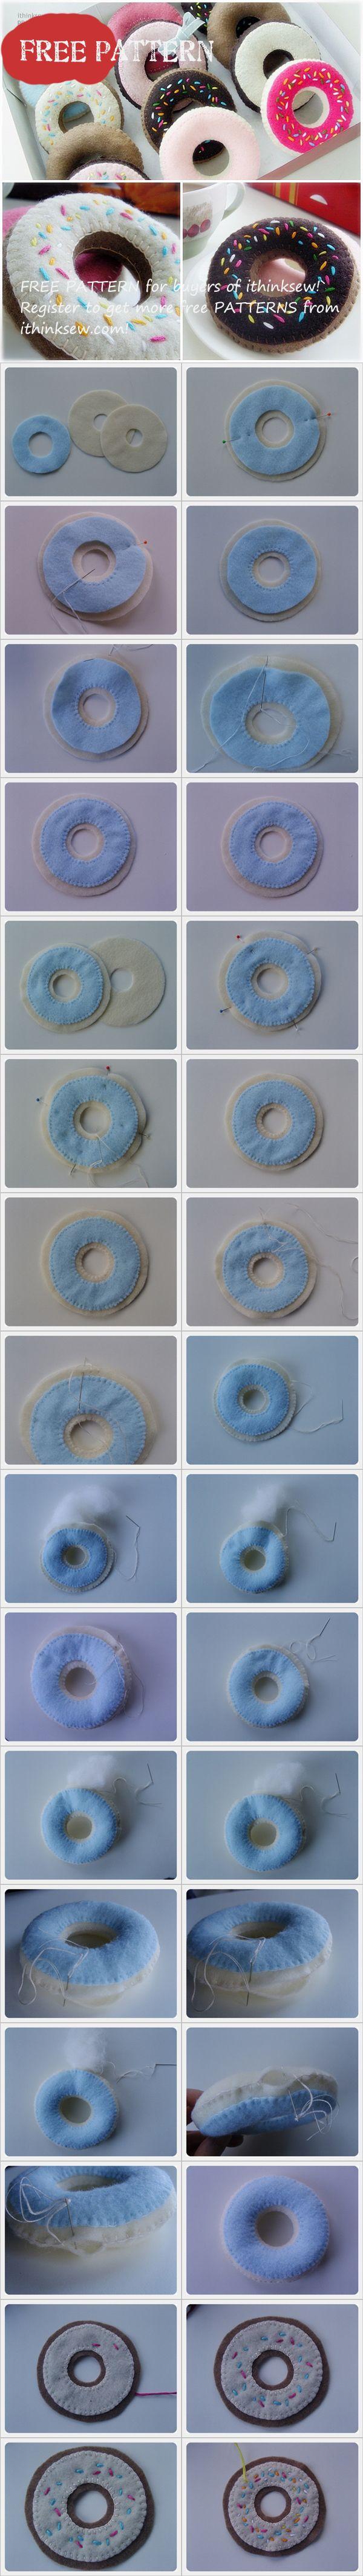 Free Pattern for buyers - Felt Ducan Donut